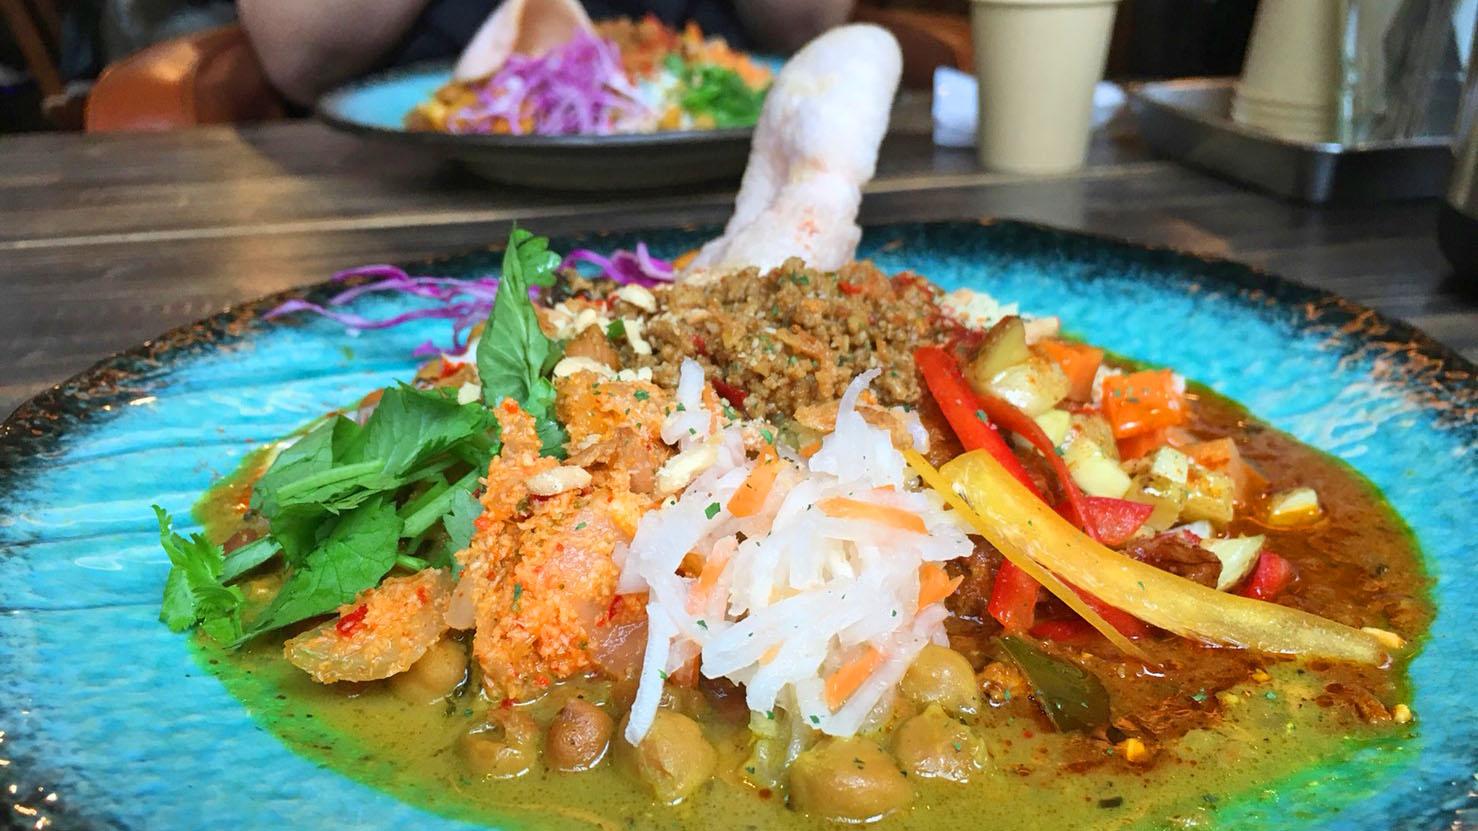 將世界的味道凝聚在一起的新潮日本咖哩